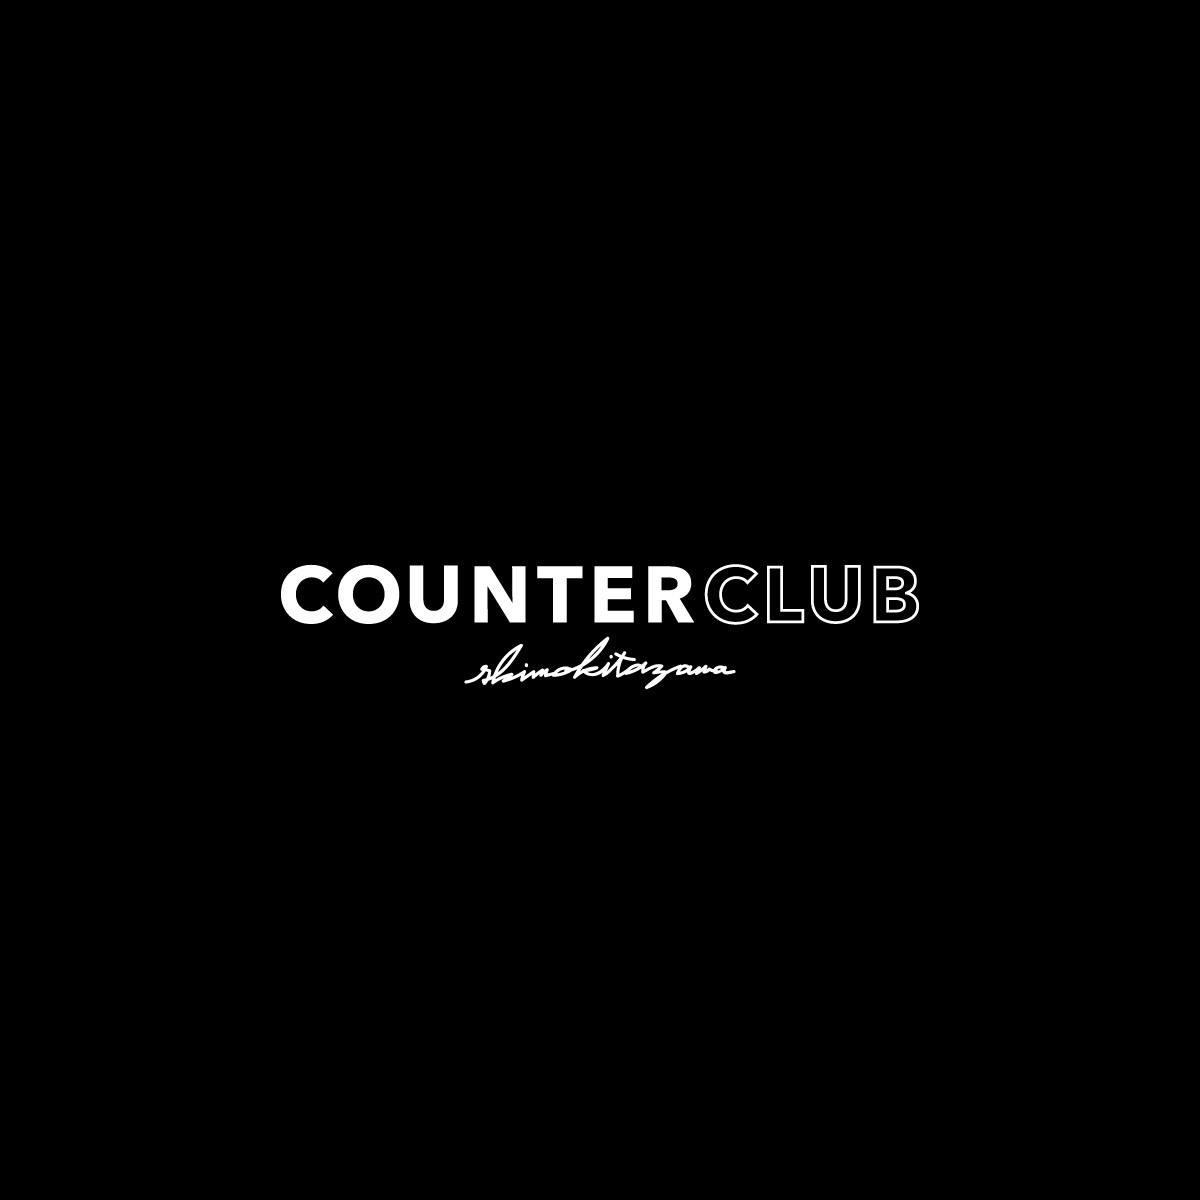 ストリートなイベント【東京】COUNTER CLUB OPENING PARTY 下北沢に新たなDJ BAR誕生!